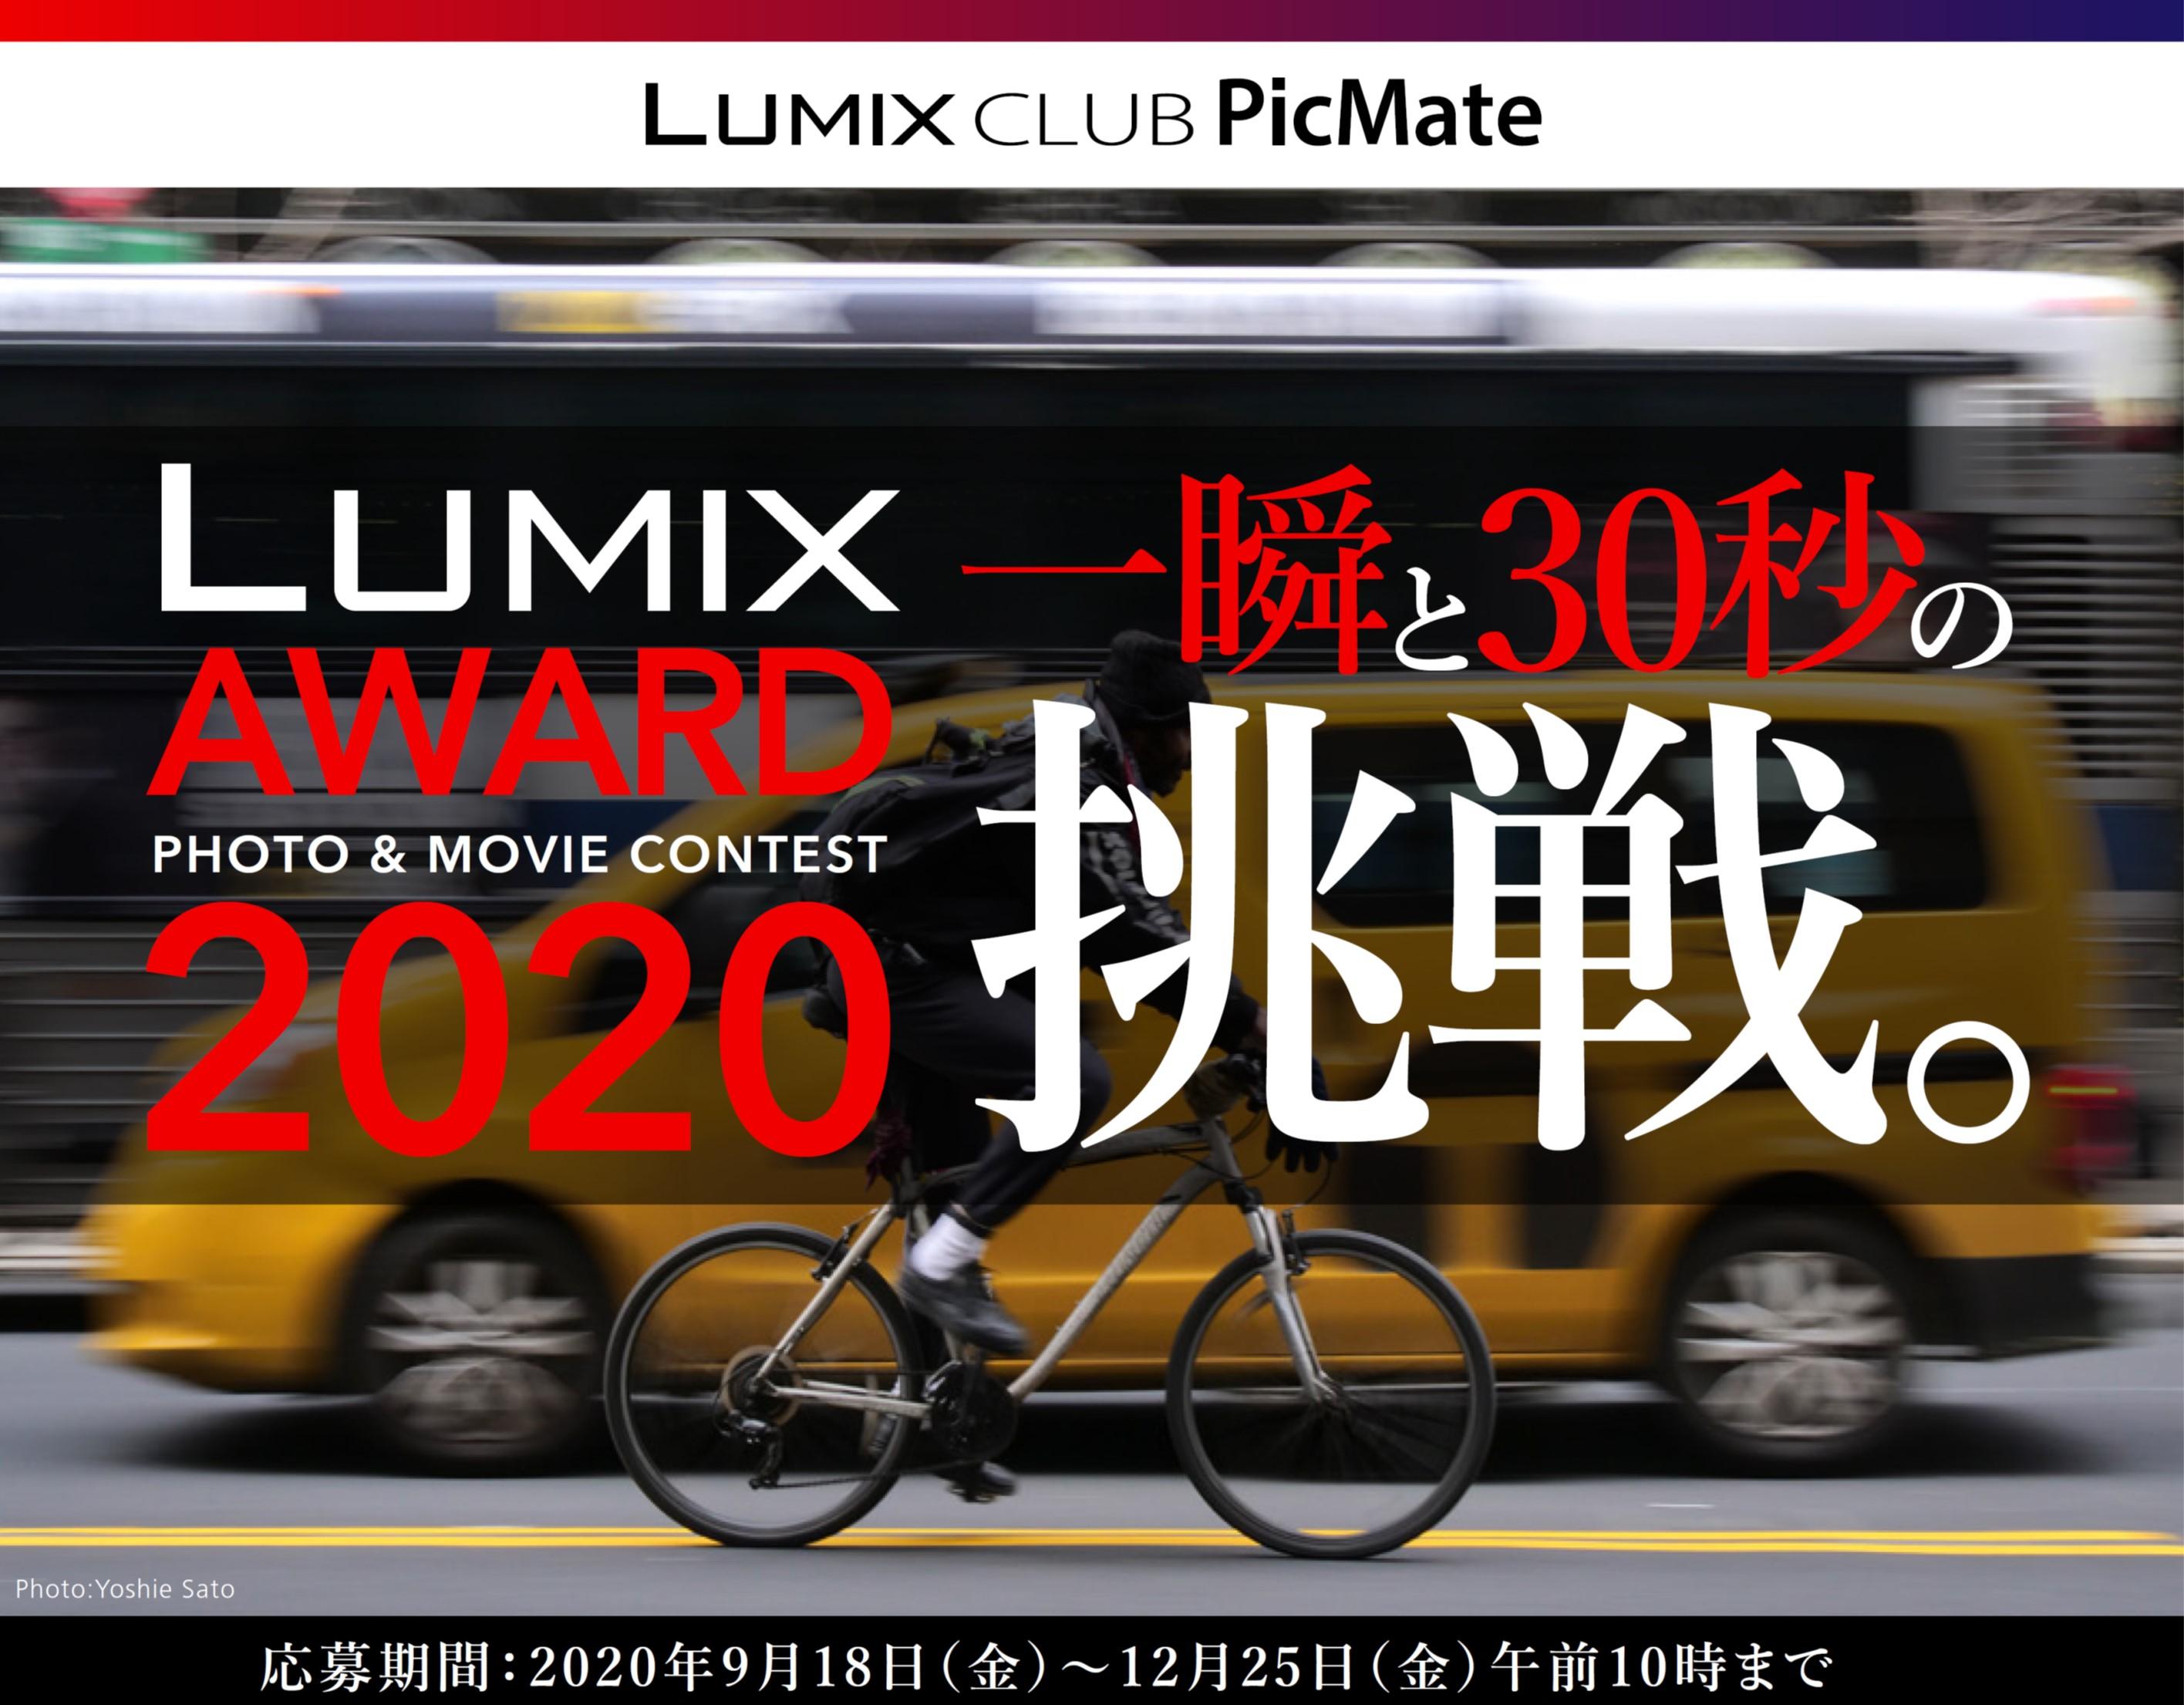 総合最優秀賞にはフルサイズミラーレス一眼「LUMIX S5」を進呈!LUMIX AWARD 2020開催!【パナソニック LUMIX CLUB PicMate】